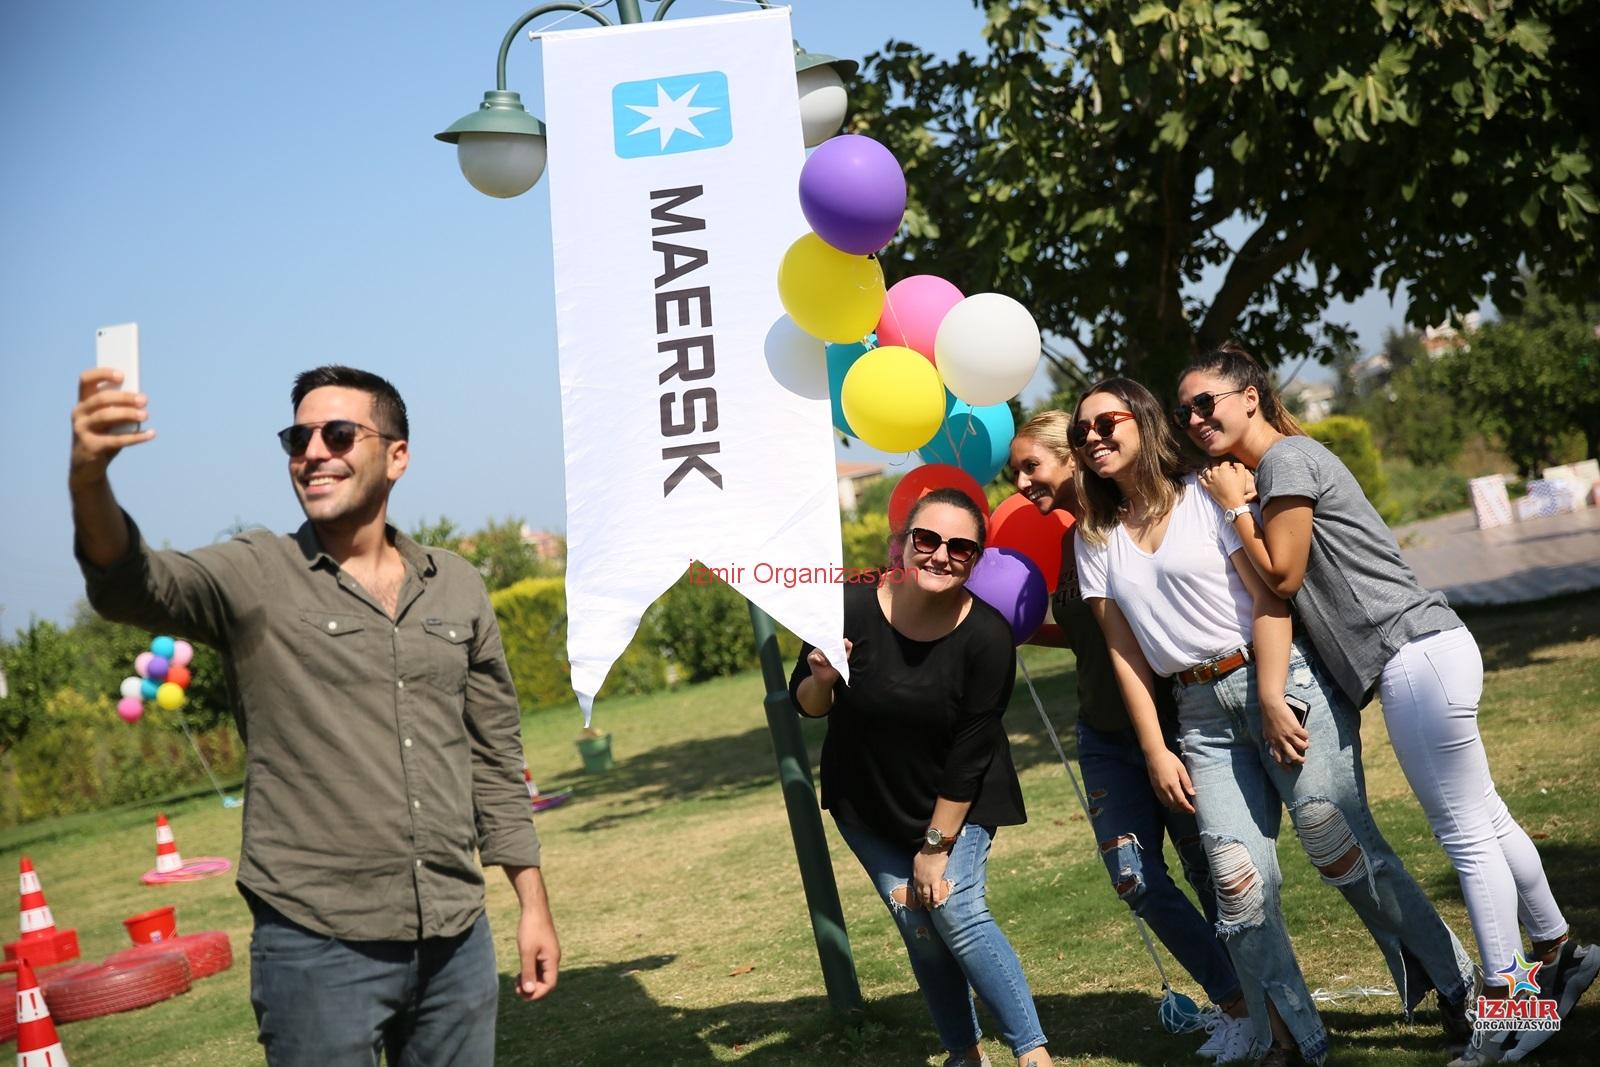 Şirket Piknik Organizasyonu ve Planlaması İzmir Organizasyon